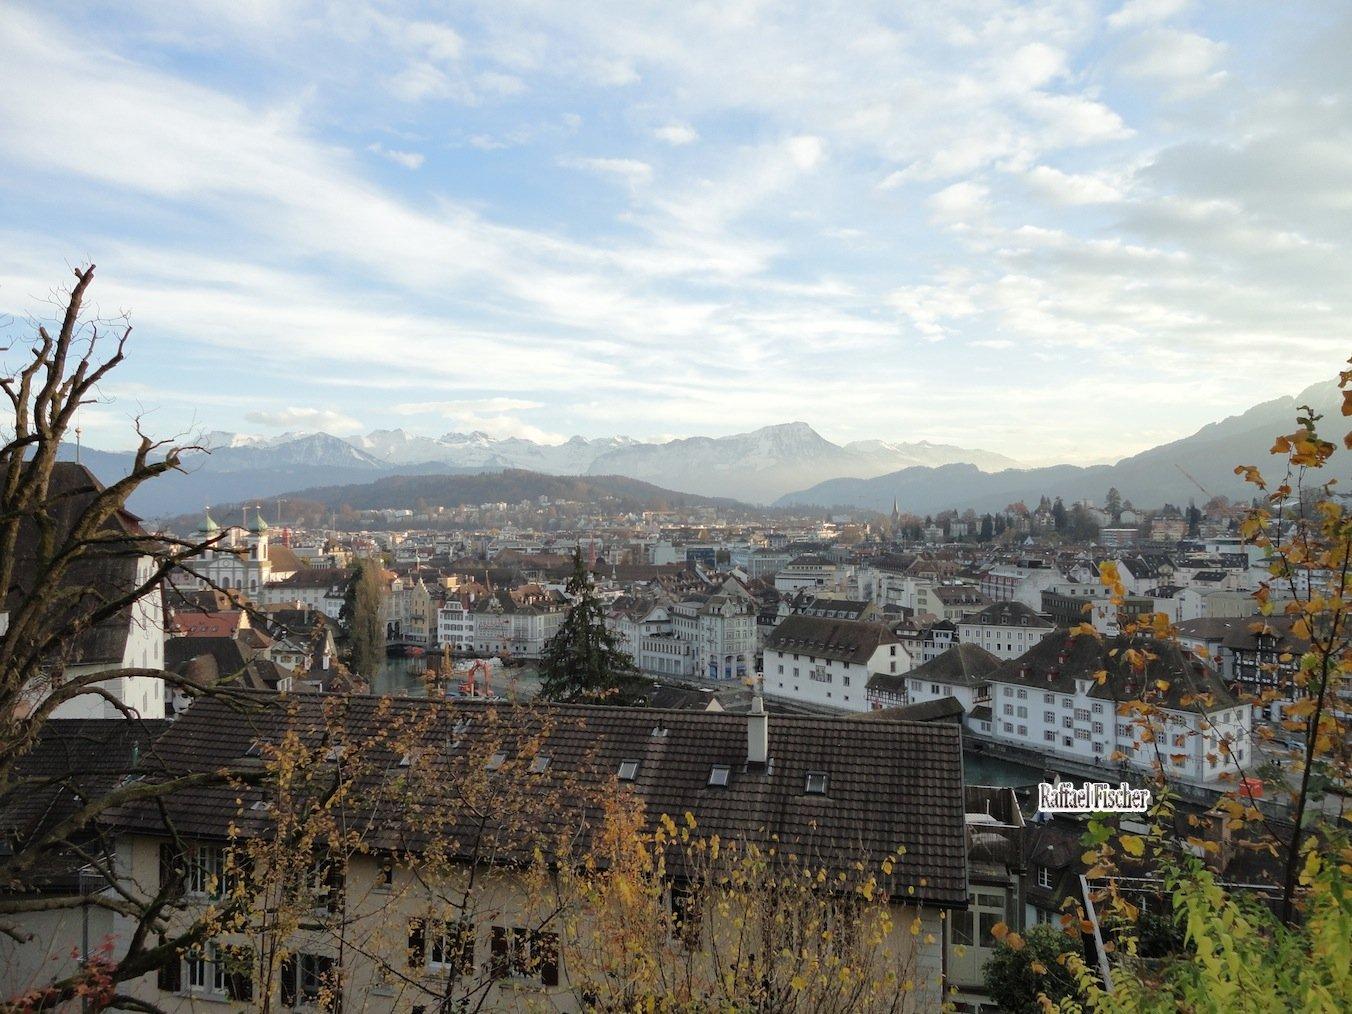 Luzern von oben mit Bergsicht